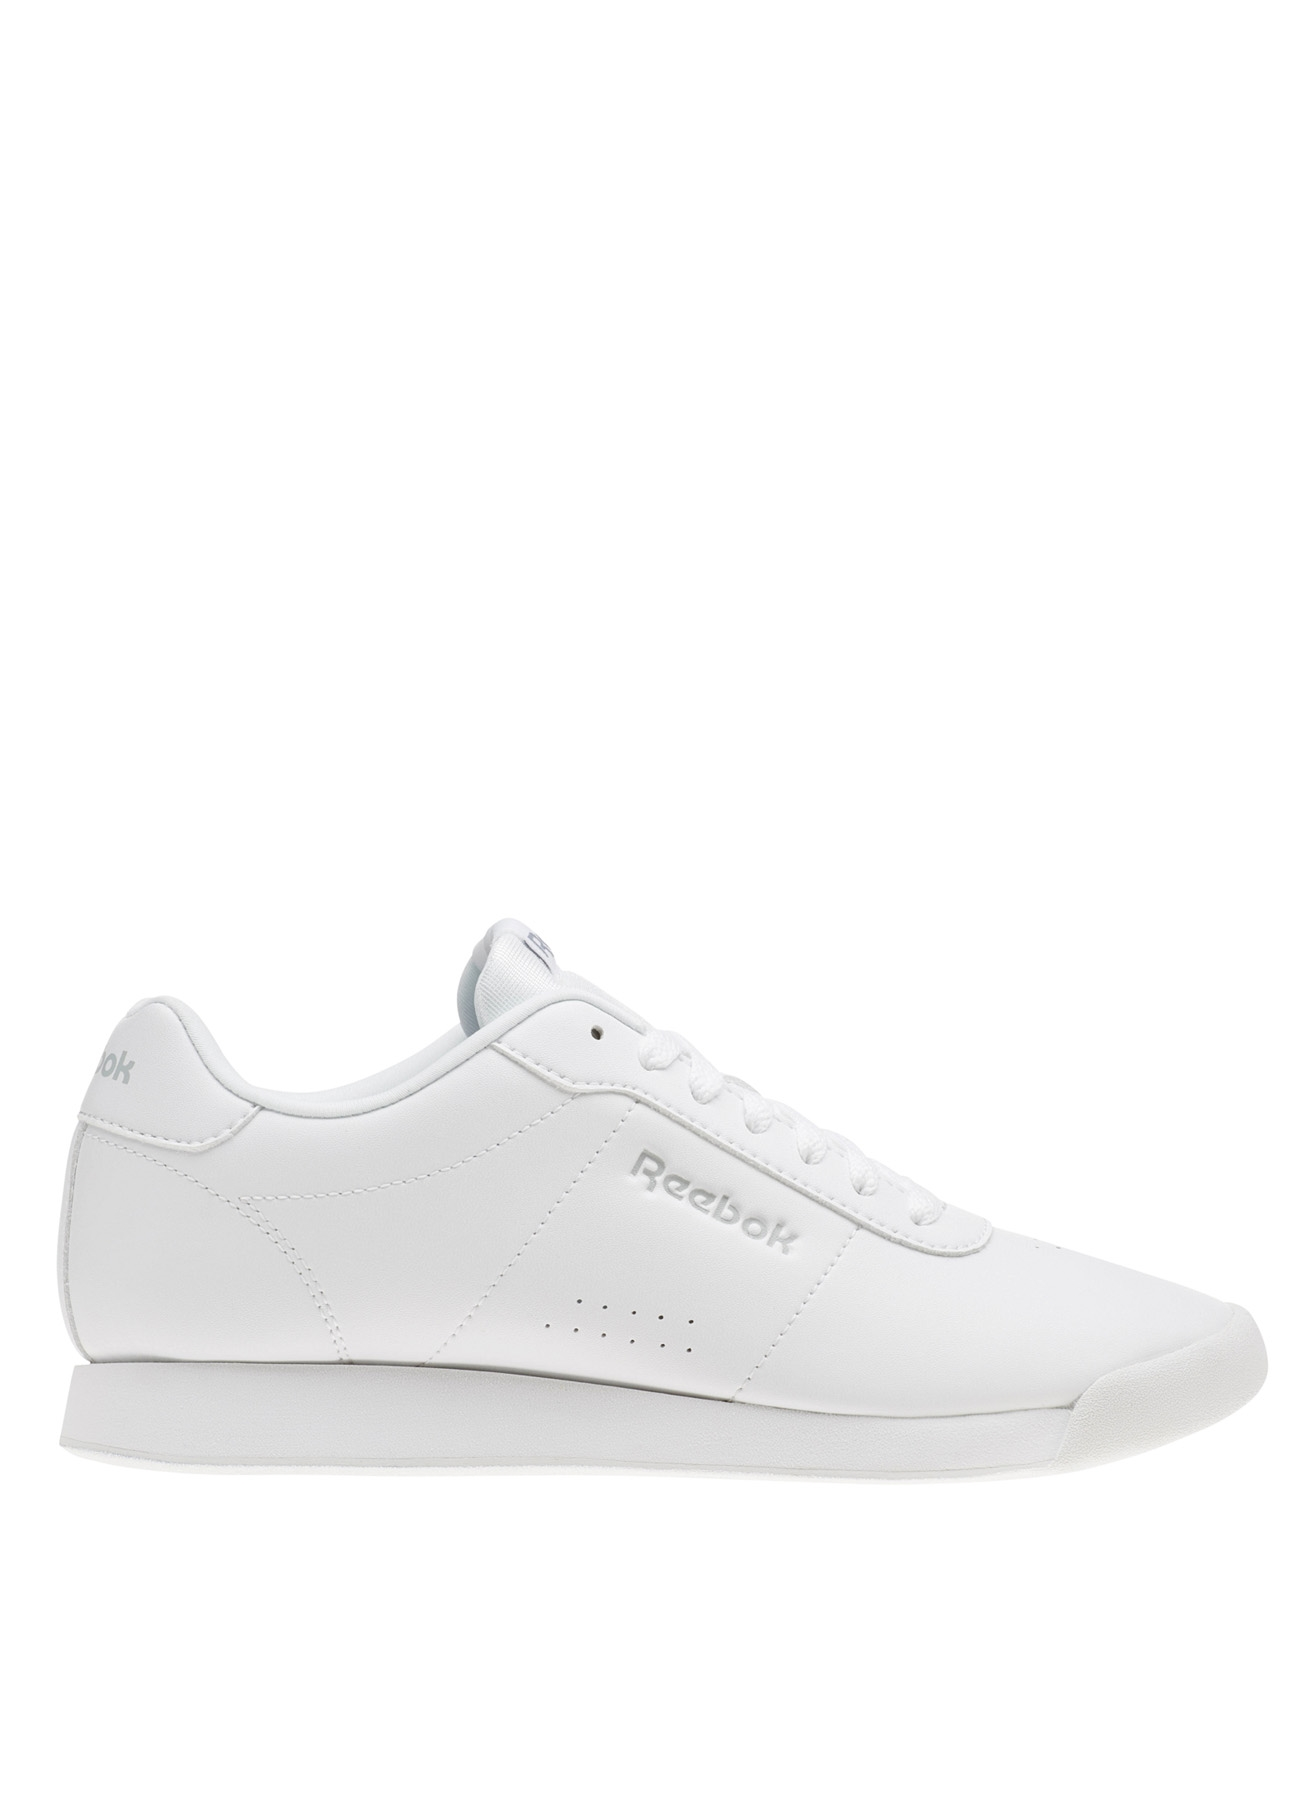 Reebok Royal Charm Lifestyle Ayakkabı 38 5001633172004 Ürün Resmi